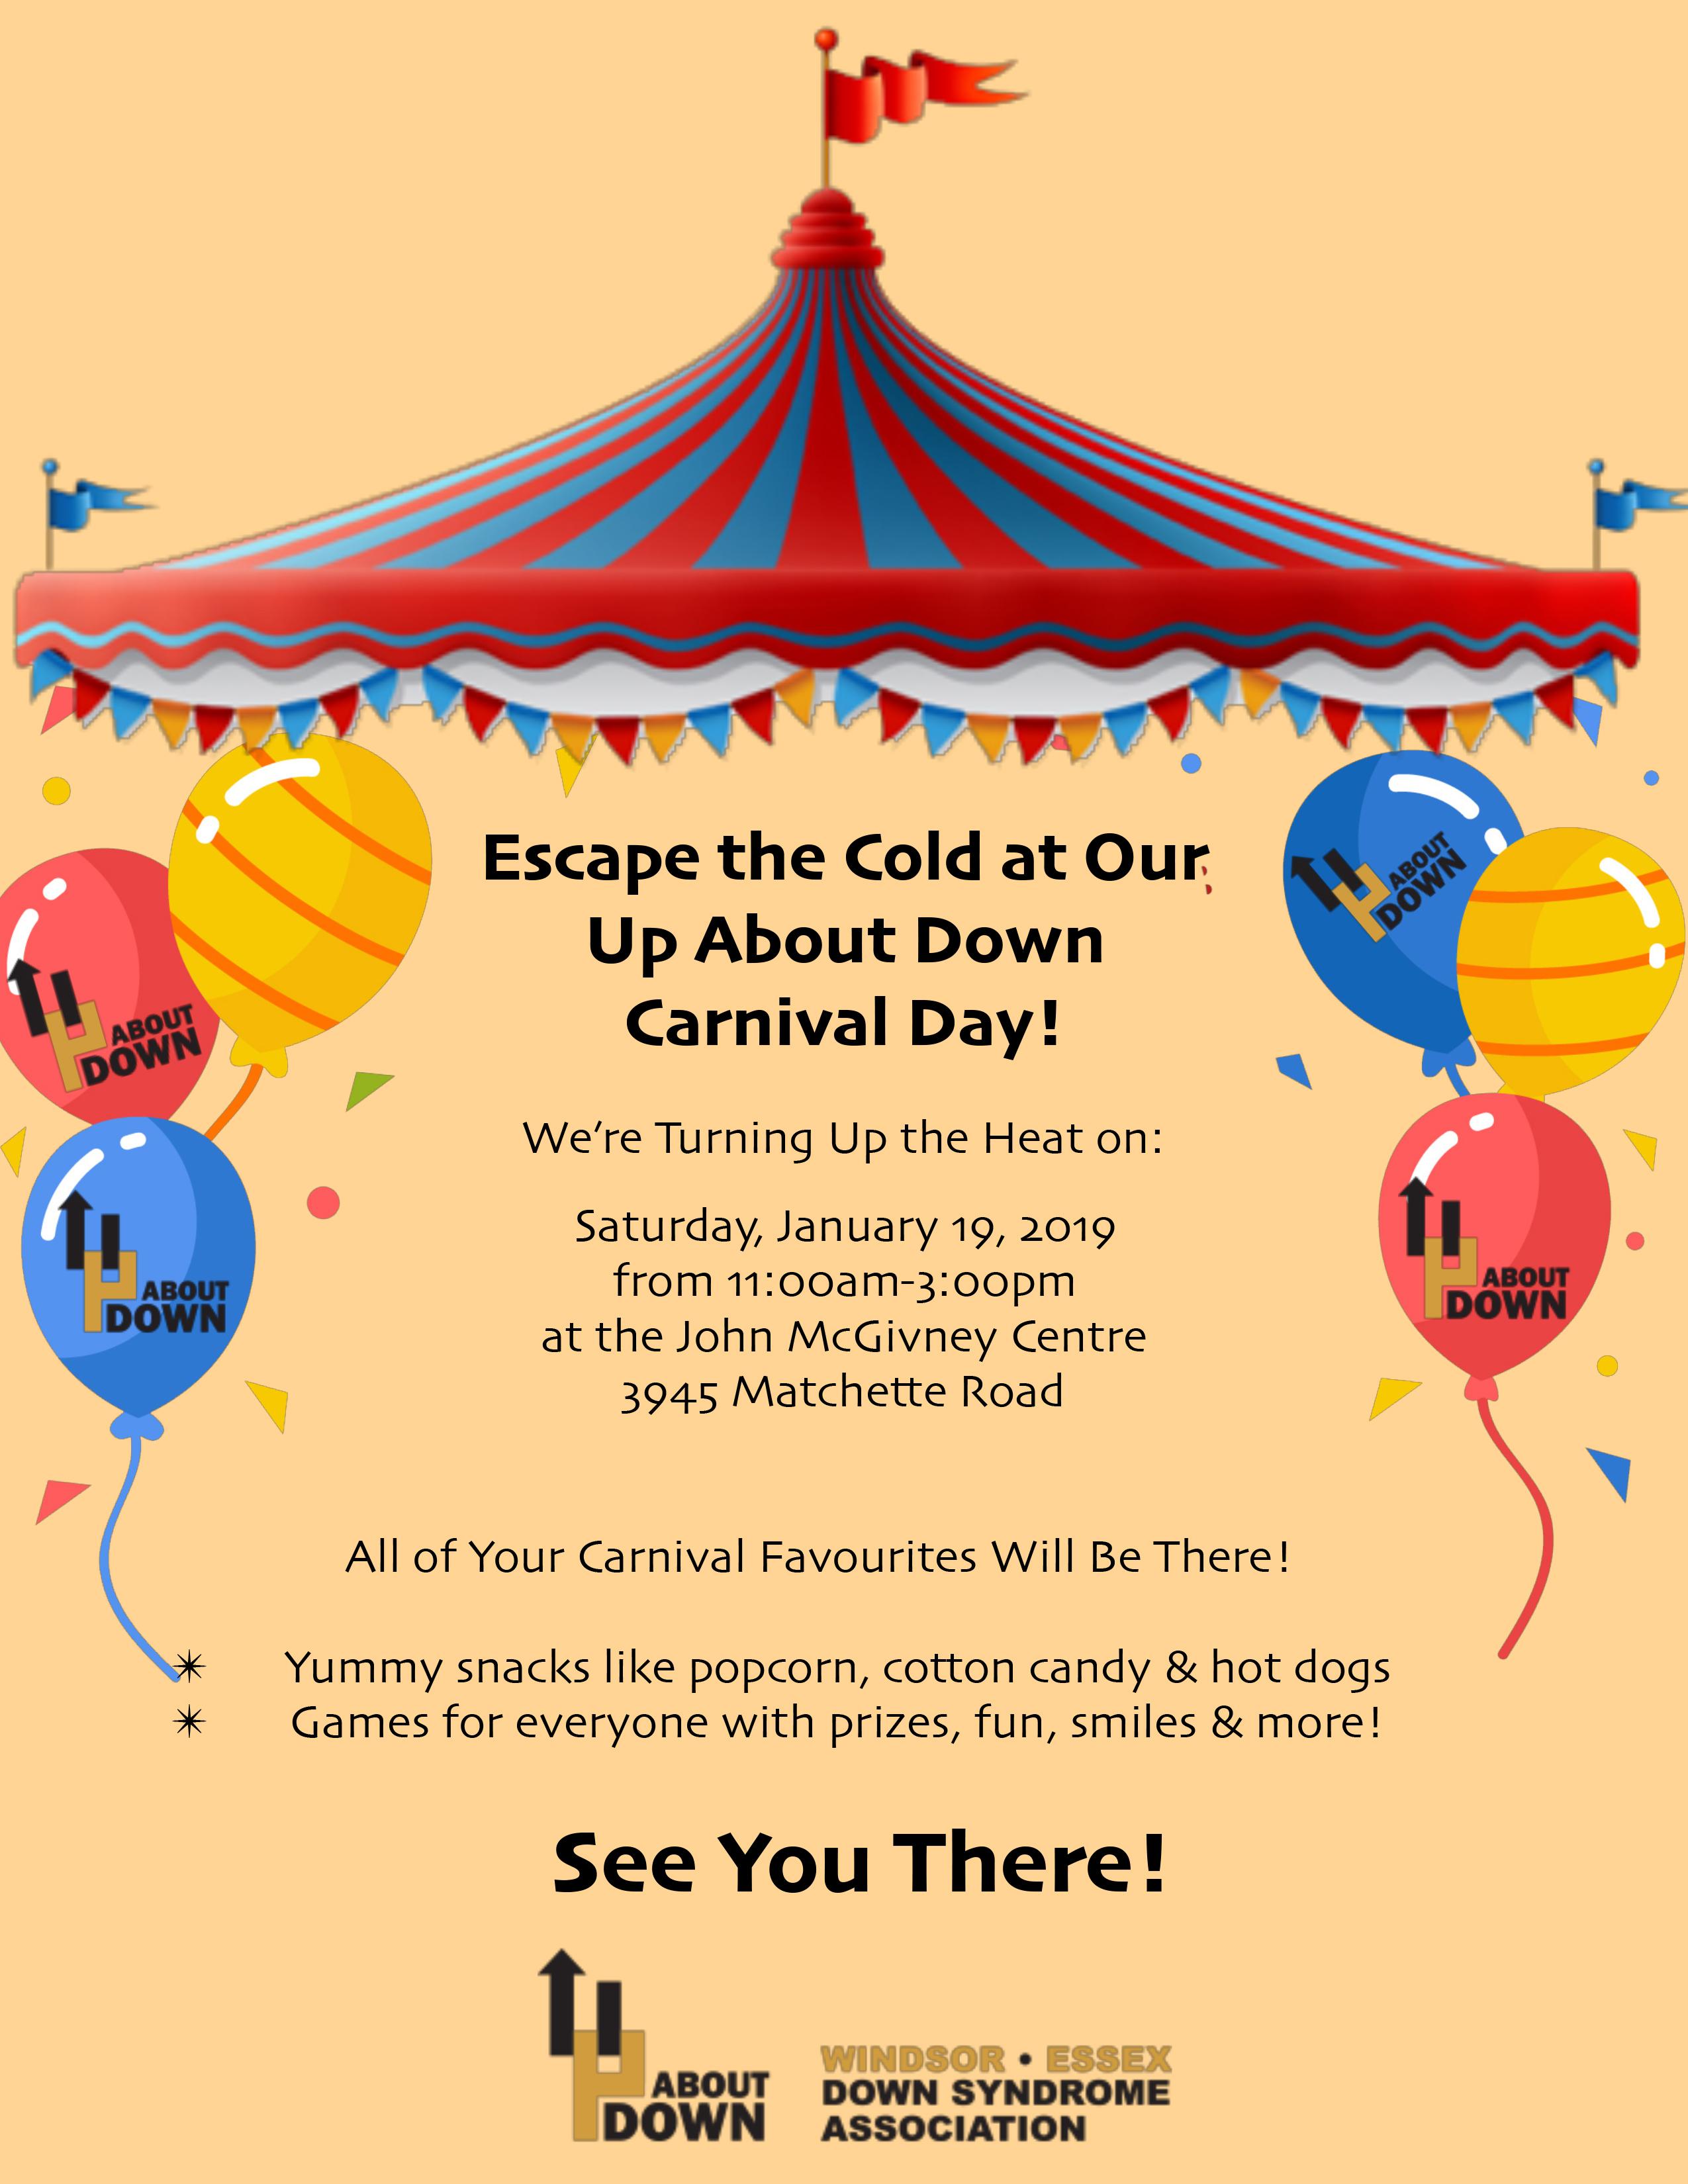 Carnival Day